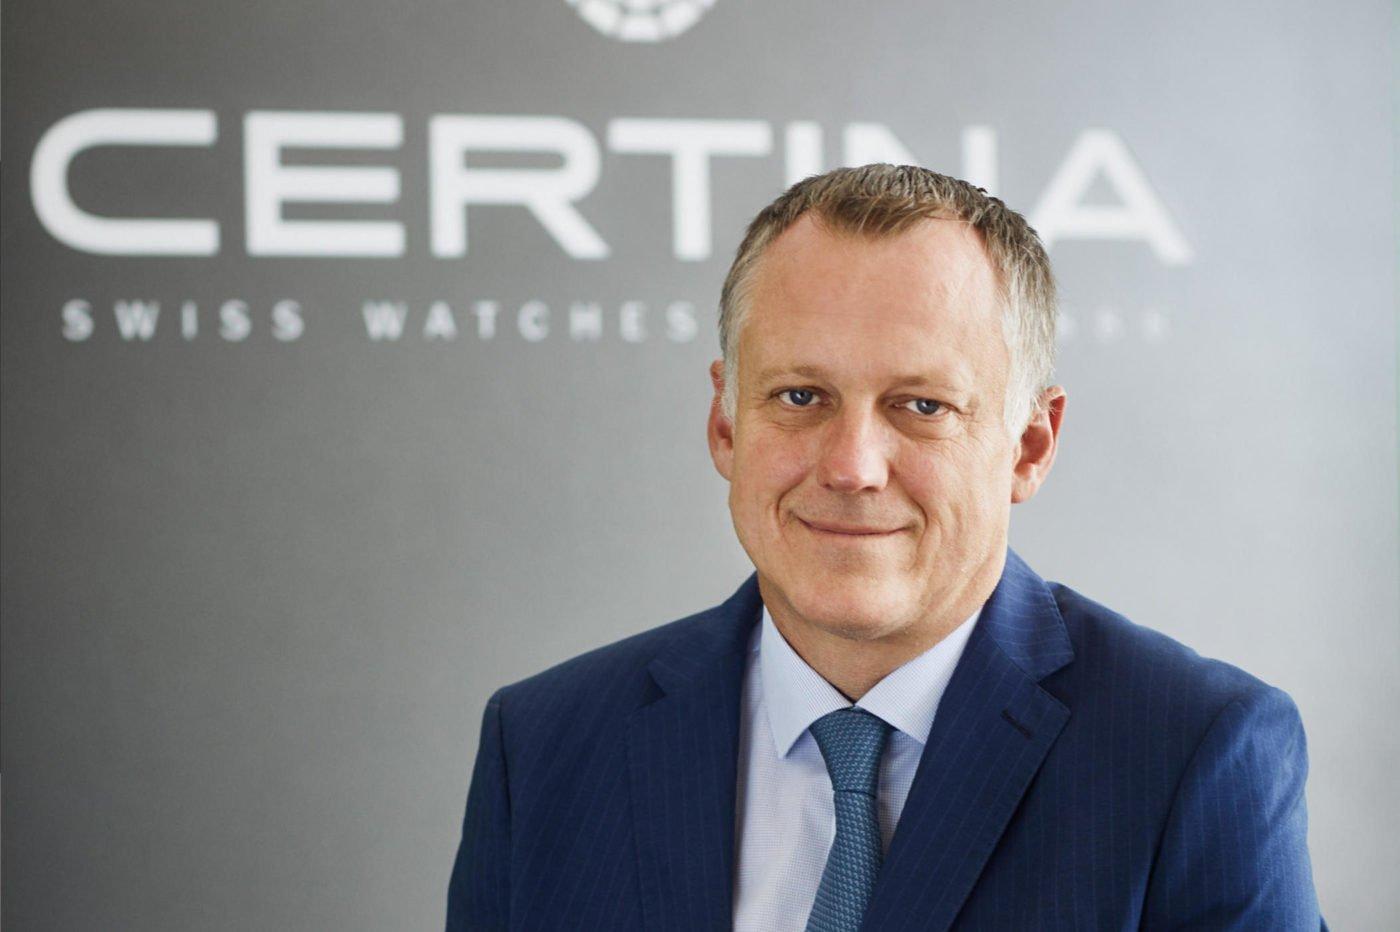 Wywiad Marc Aellen (CEO Certina)